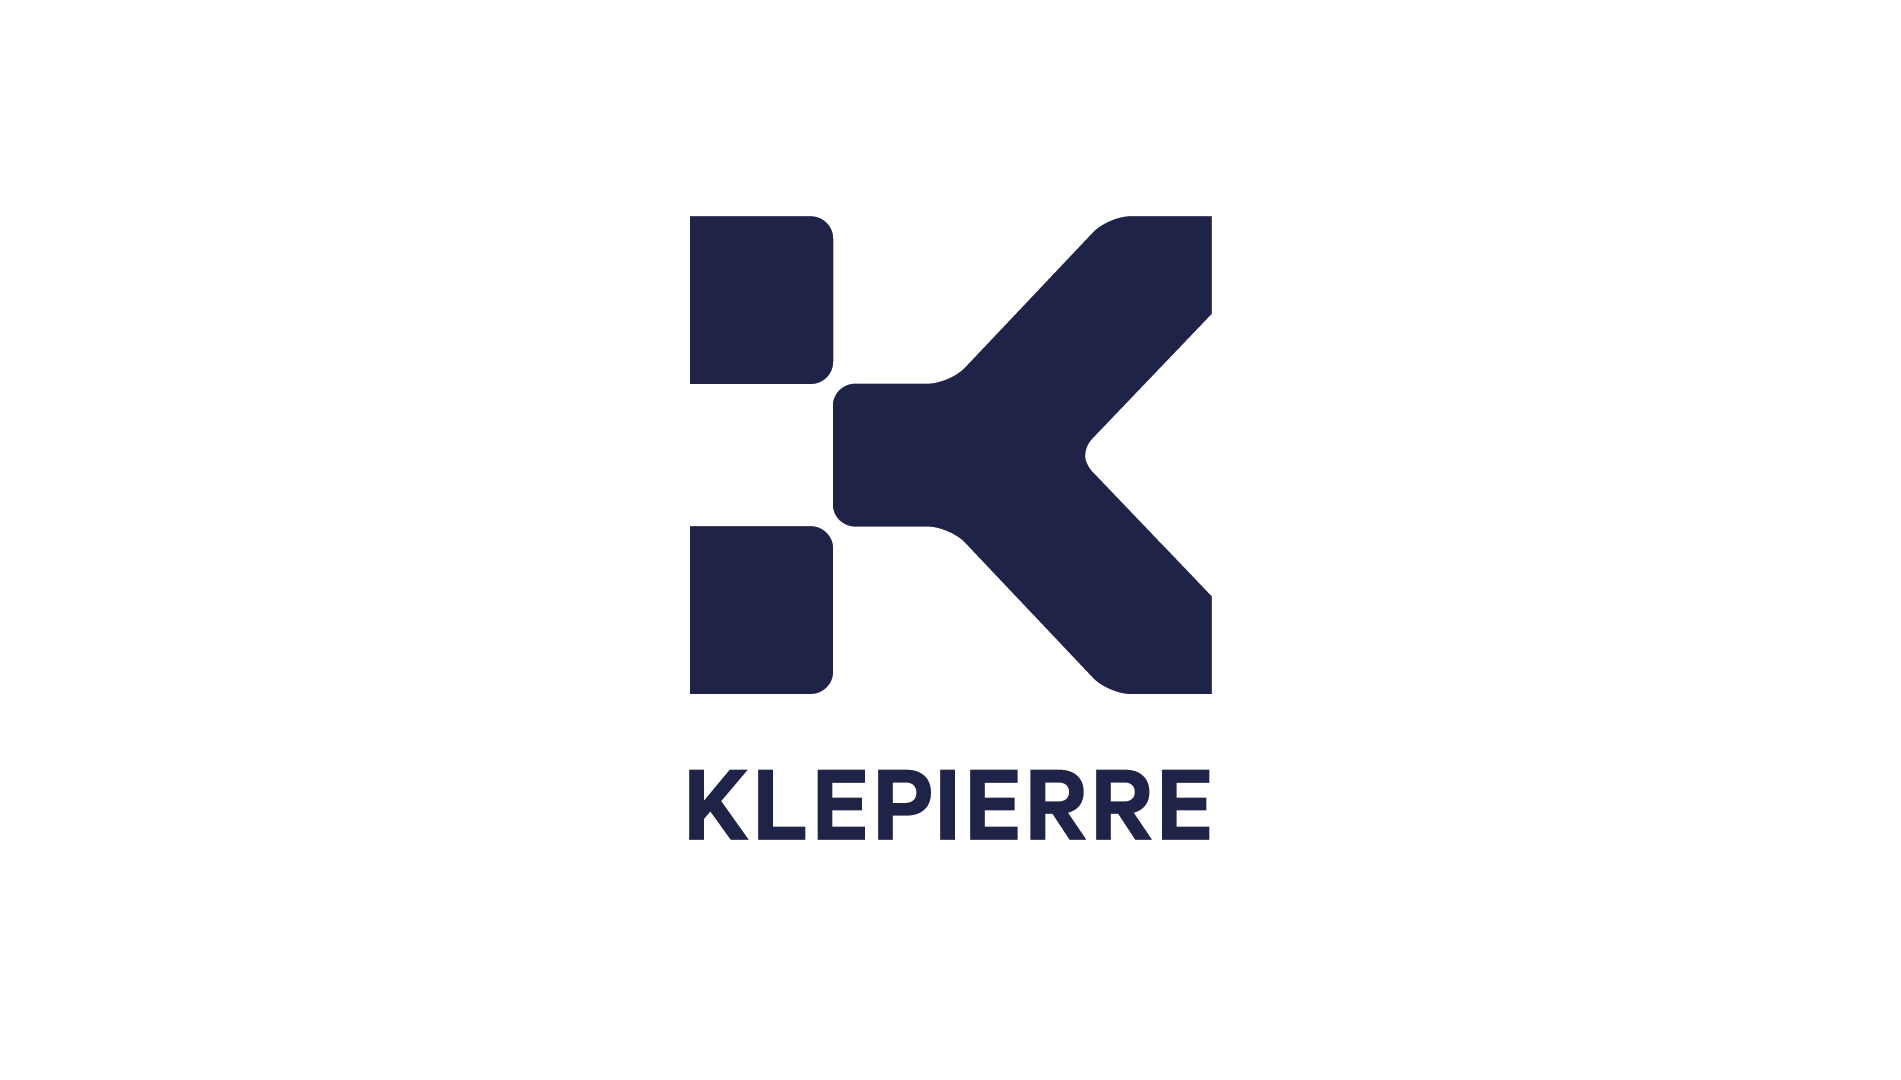 Klepierre